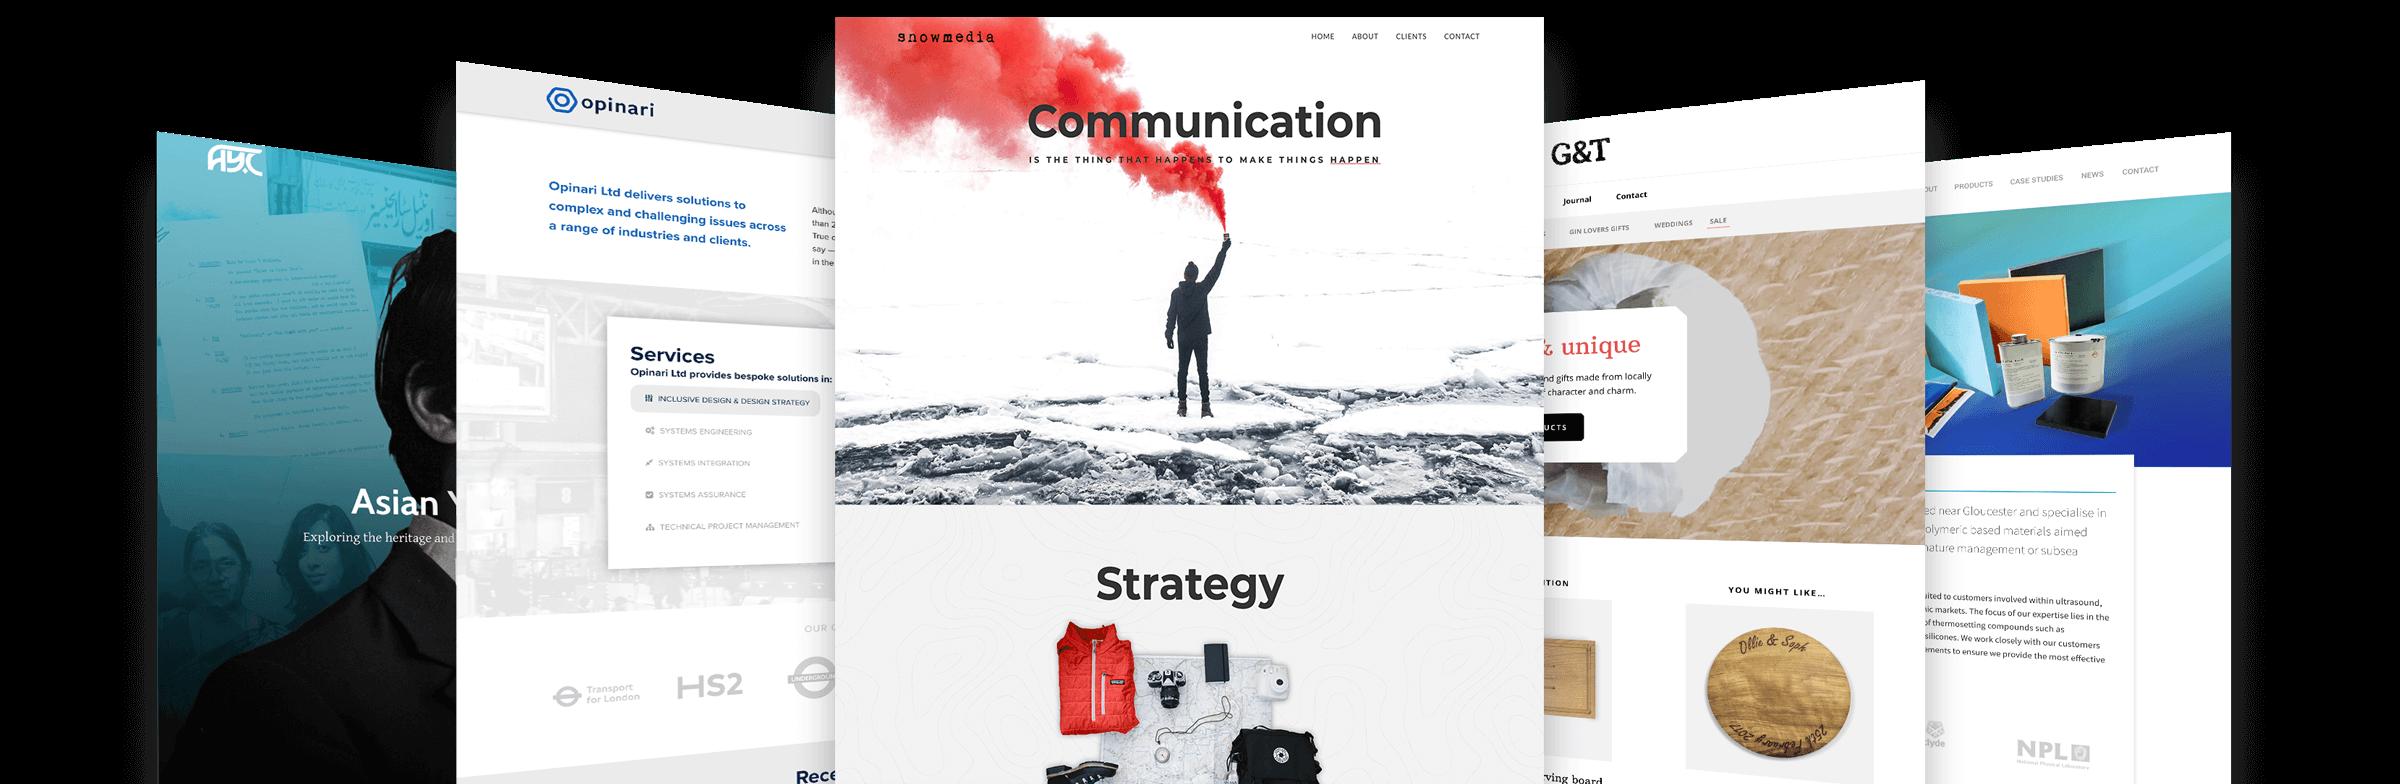 Examples of my WordPress website design